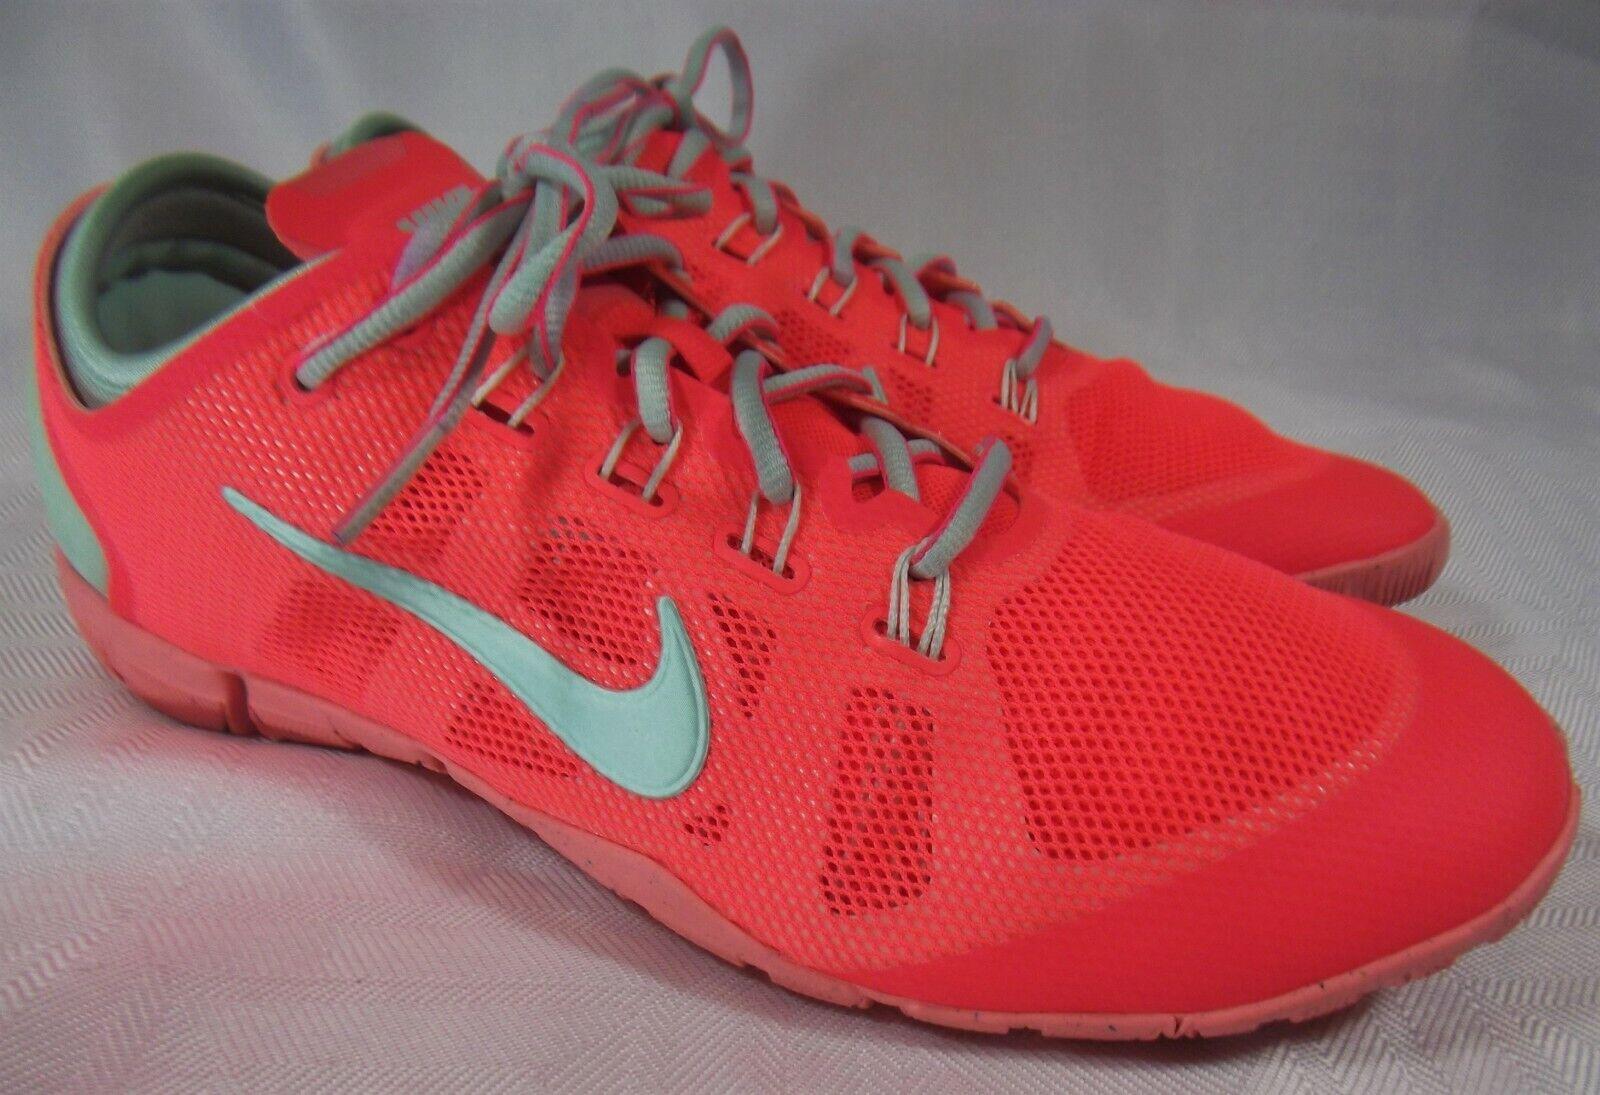 NEW NEW NEW Nike Training Free Run Bionic Pink orange